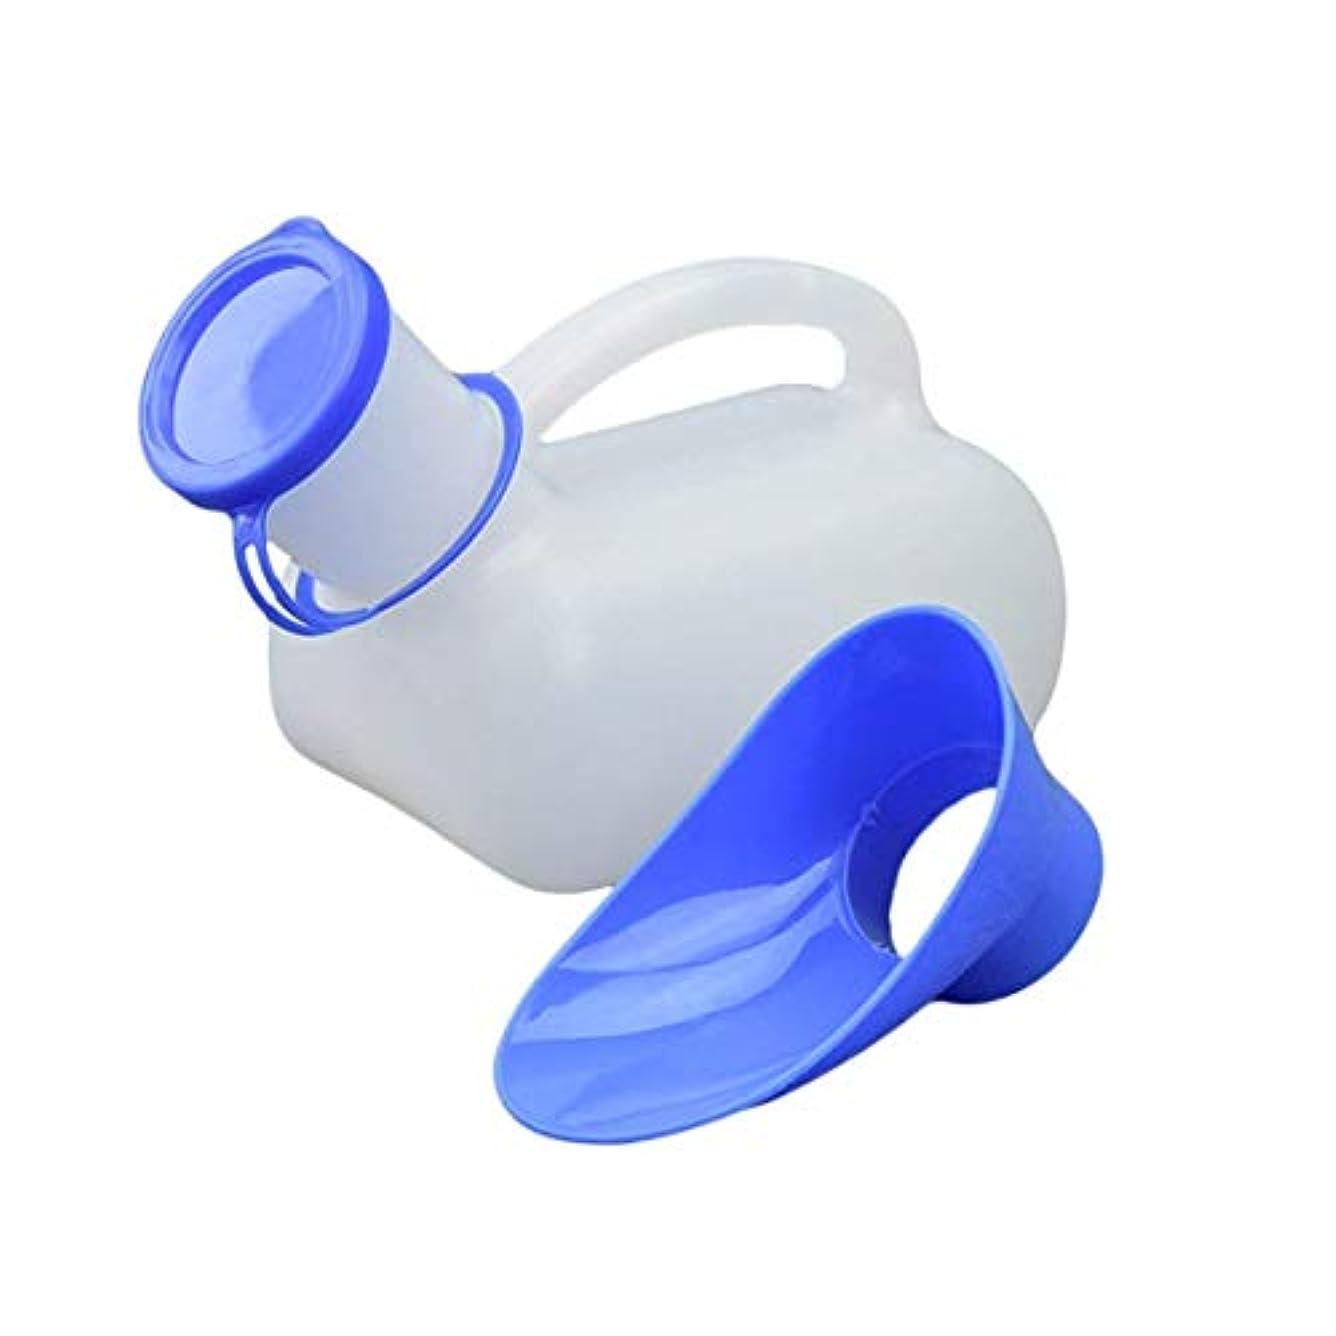 に対応するおもちゃ準備したポータブル1000ミリリットルポータブル便器旅行トイレ子供車両トイレおしっこキャンプ大容量小便器かわいい赤ちゃん子供女の子男の子 使い安い